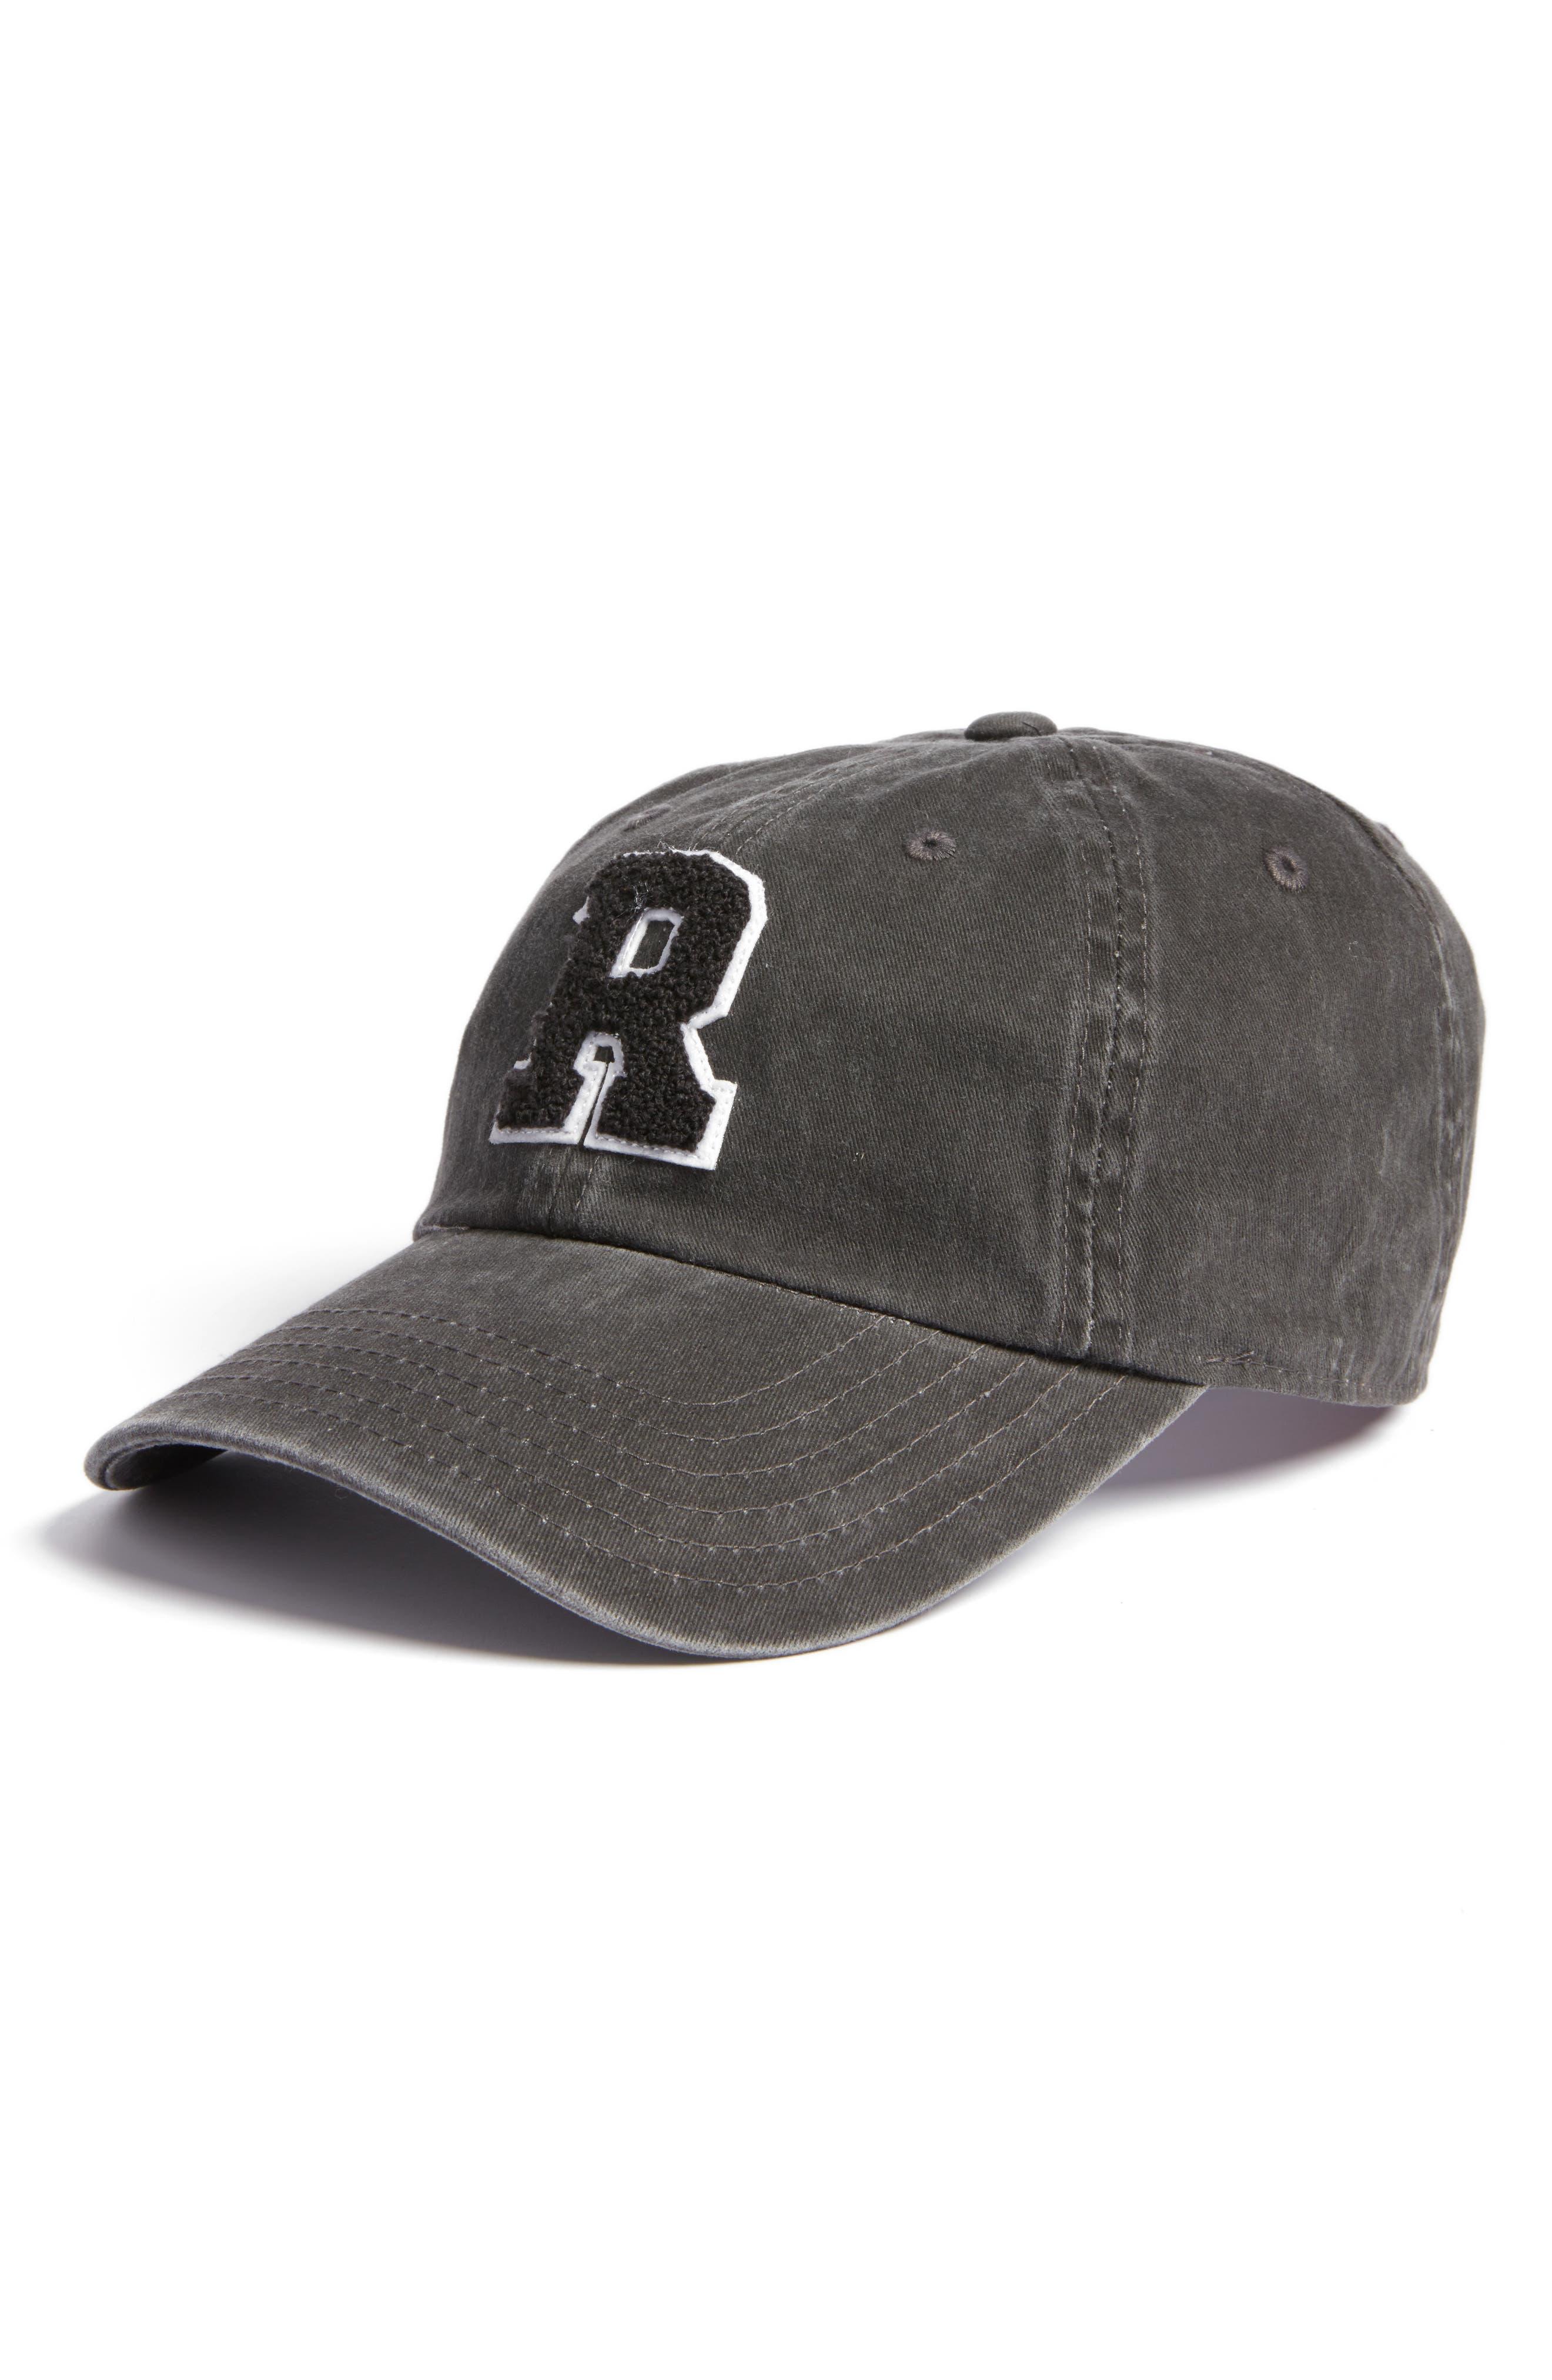 American Needle Initial Baseball Cap